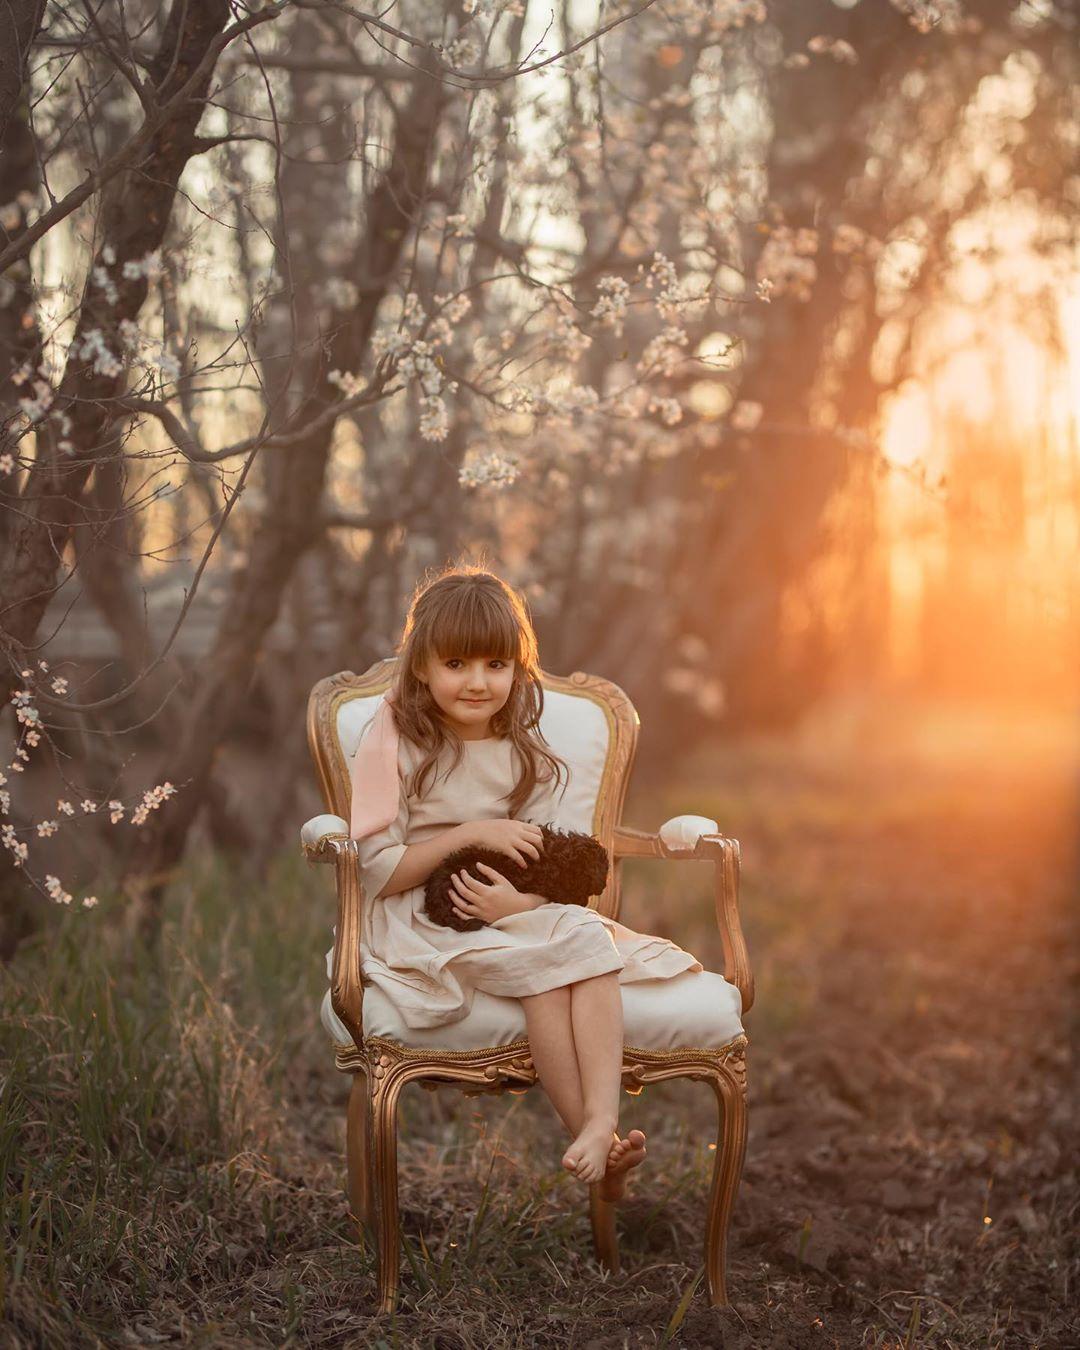 Радость детей на снимках Марии дель Валле Прессер